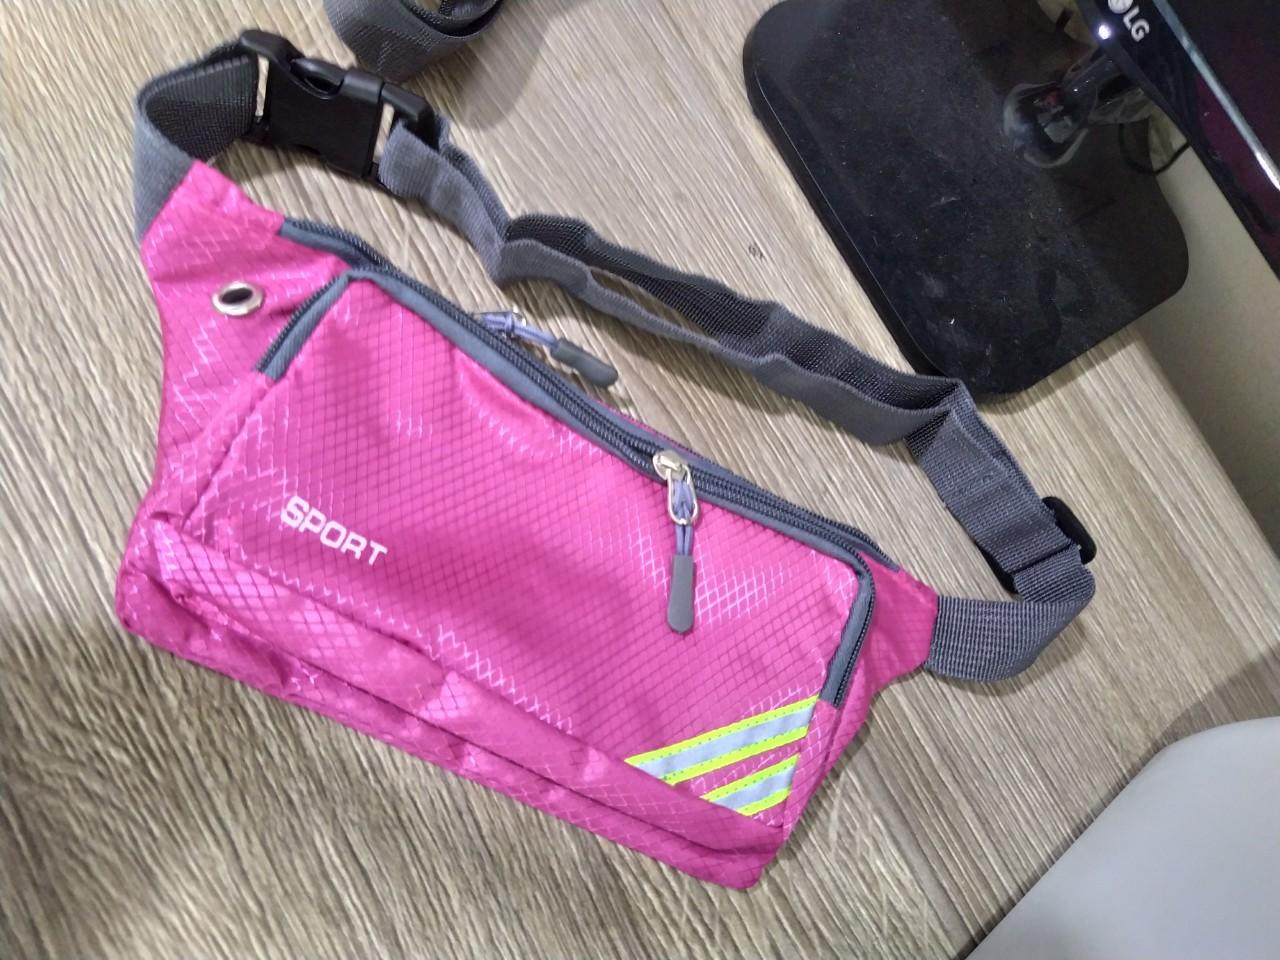 Túi đeo hông đeo bụng cao cấp thể thao du lịch sport KSD22 Shalla (Túi đeo hông đeo bụng giá sỉ )